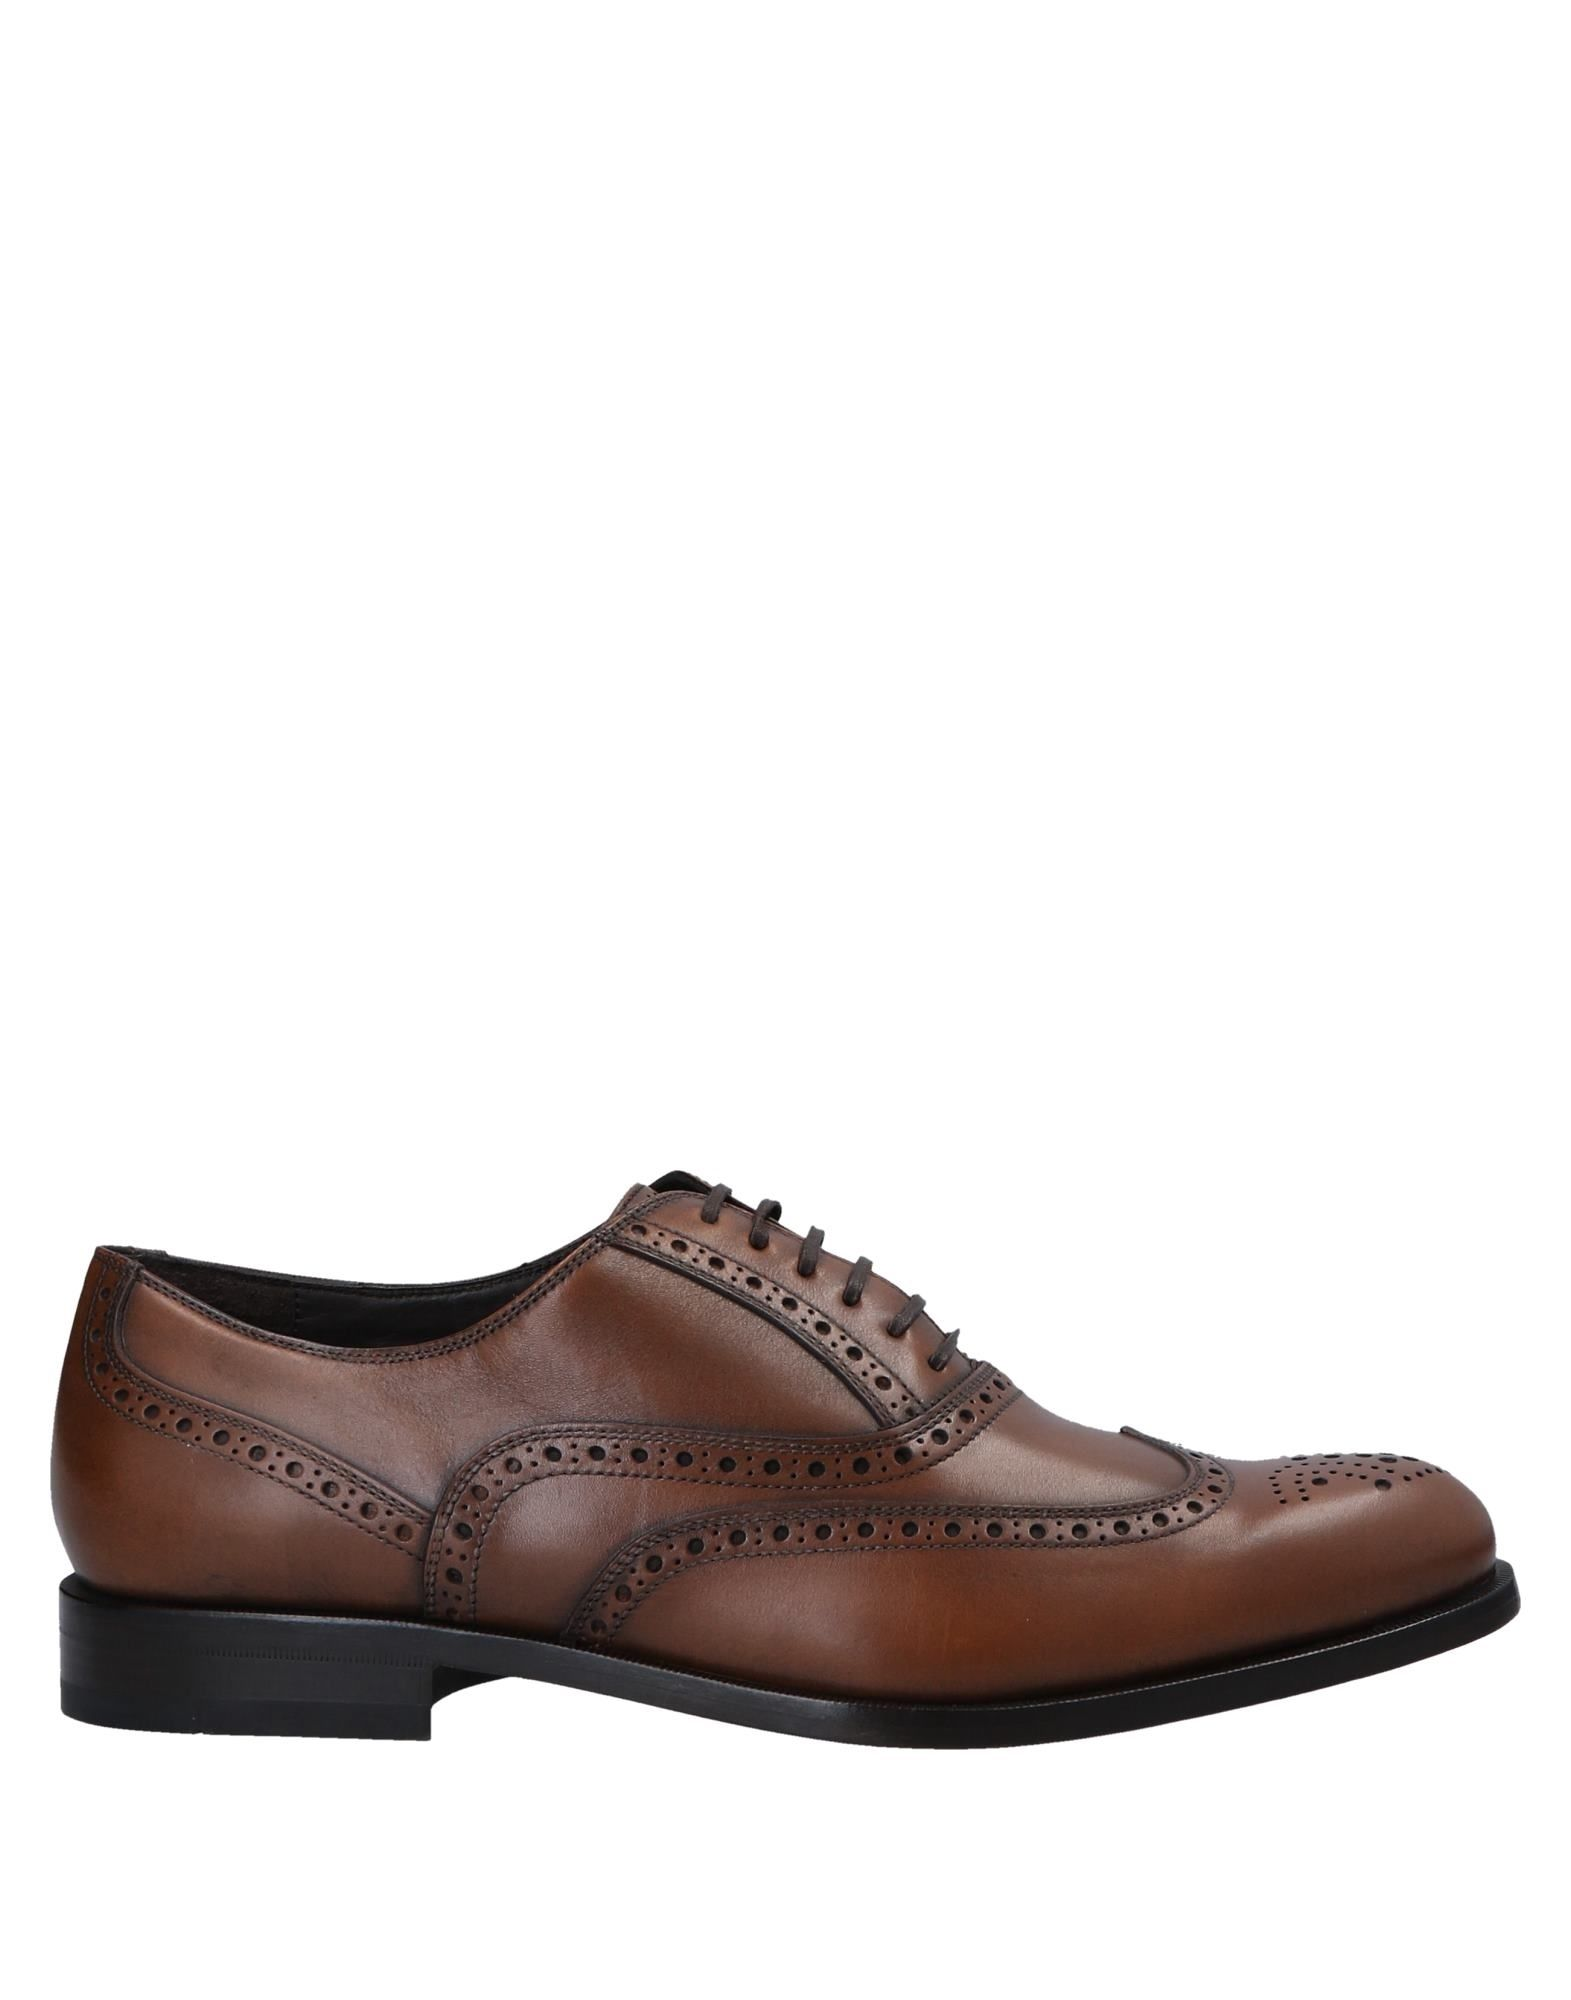 Salvatore Ferragamo Studio Schnürschuhe Herren  11554233JW Gute Qualität beliebte Schuhe